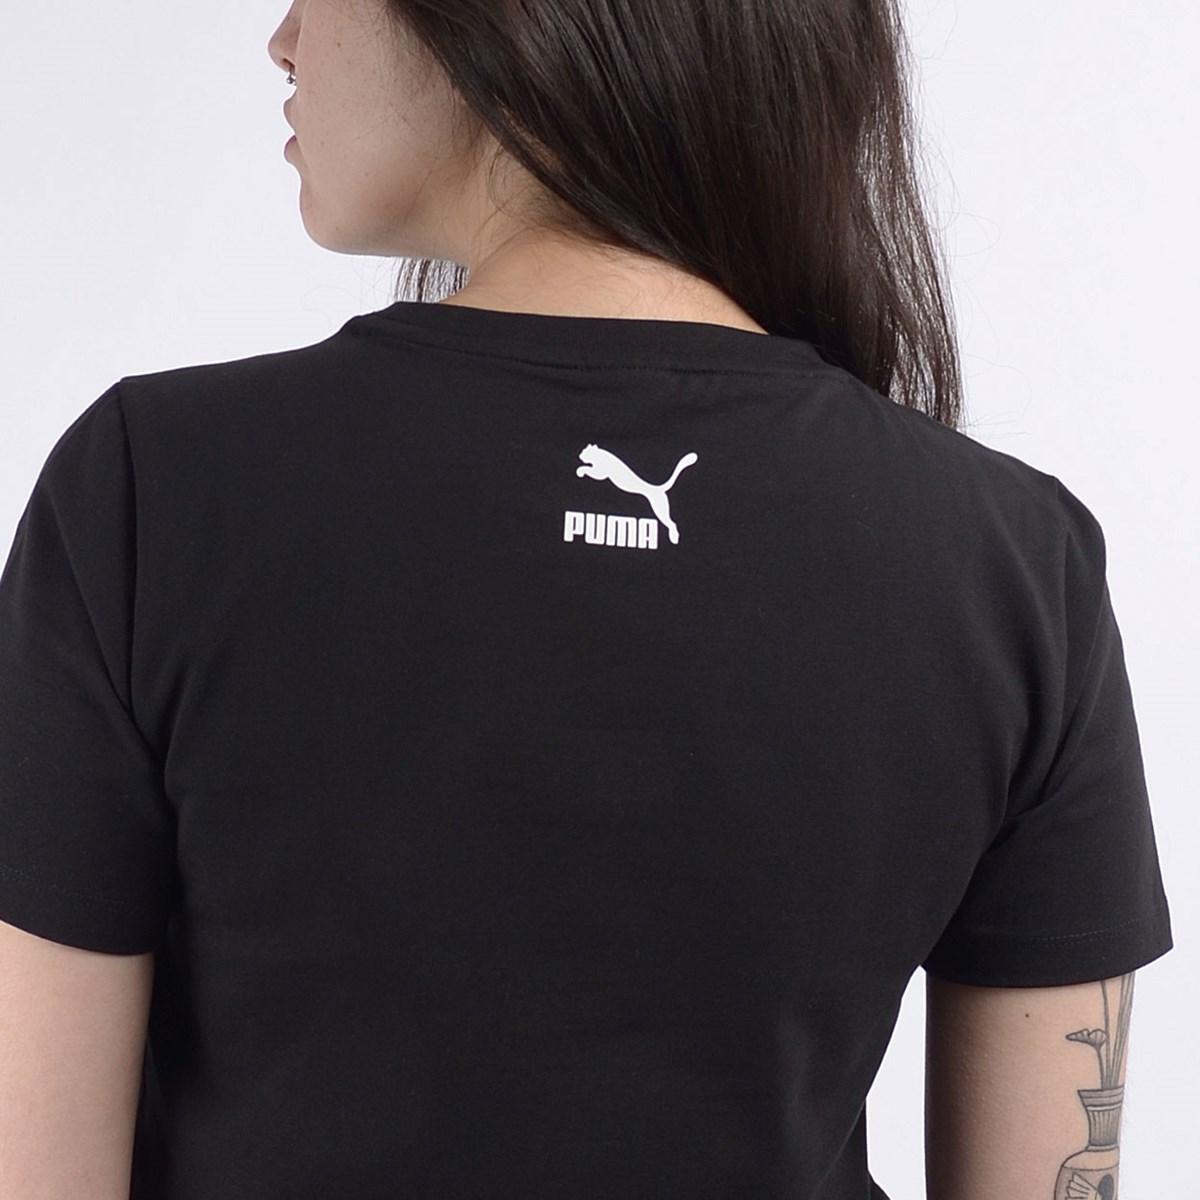 Camiseta Puma Cropped Feminina TFS Graphic Crop Top Black 59625801